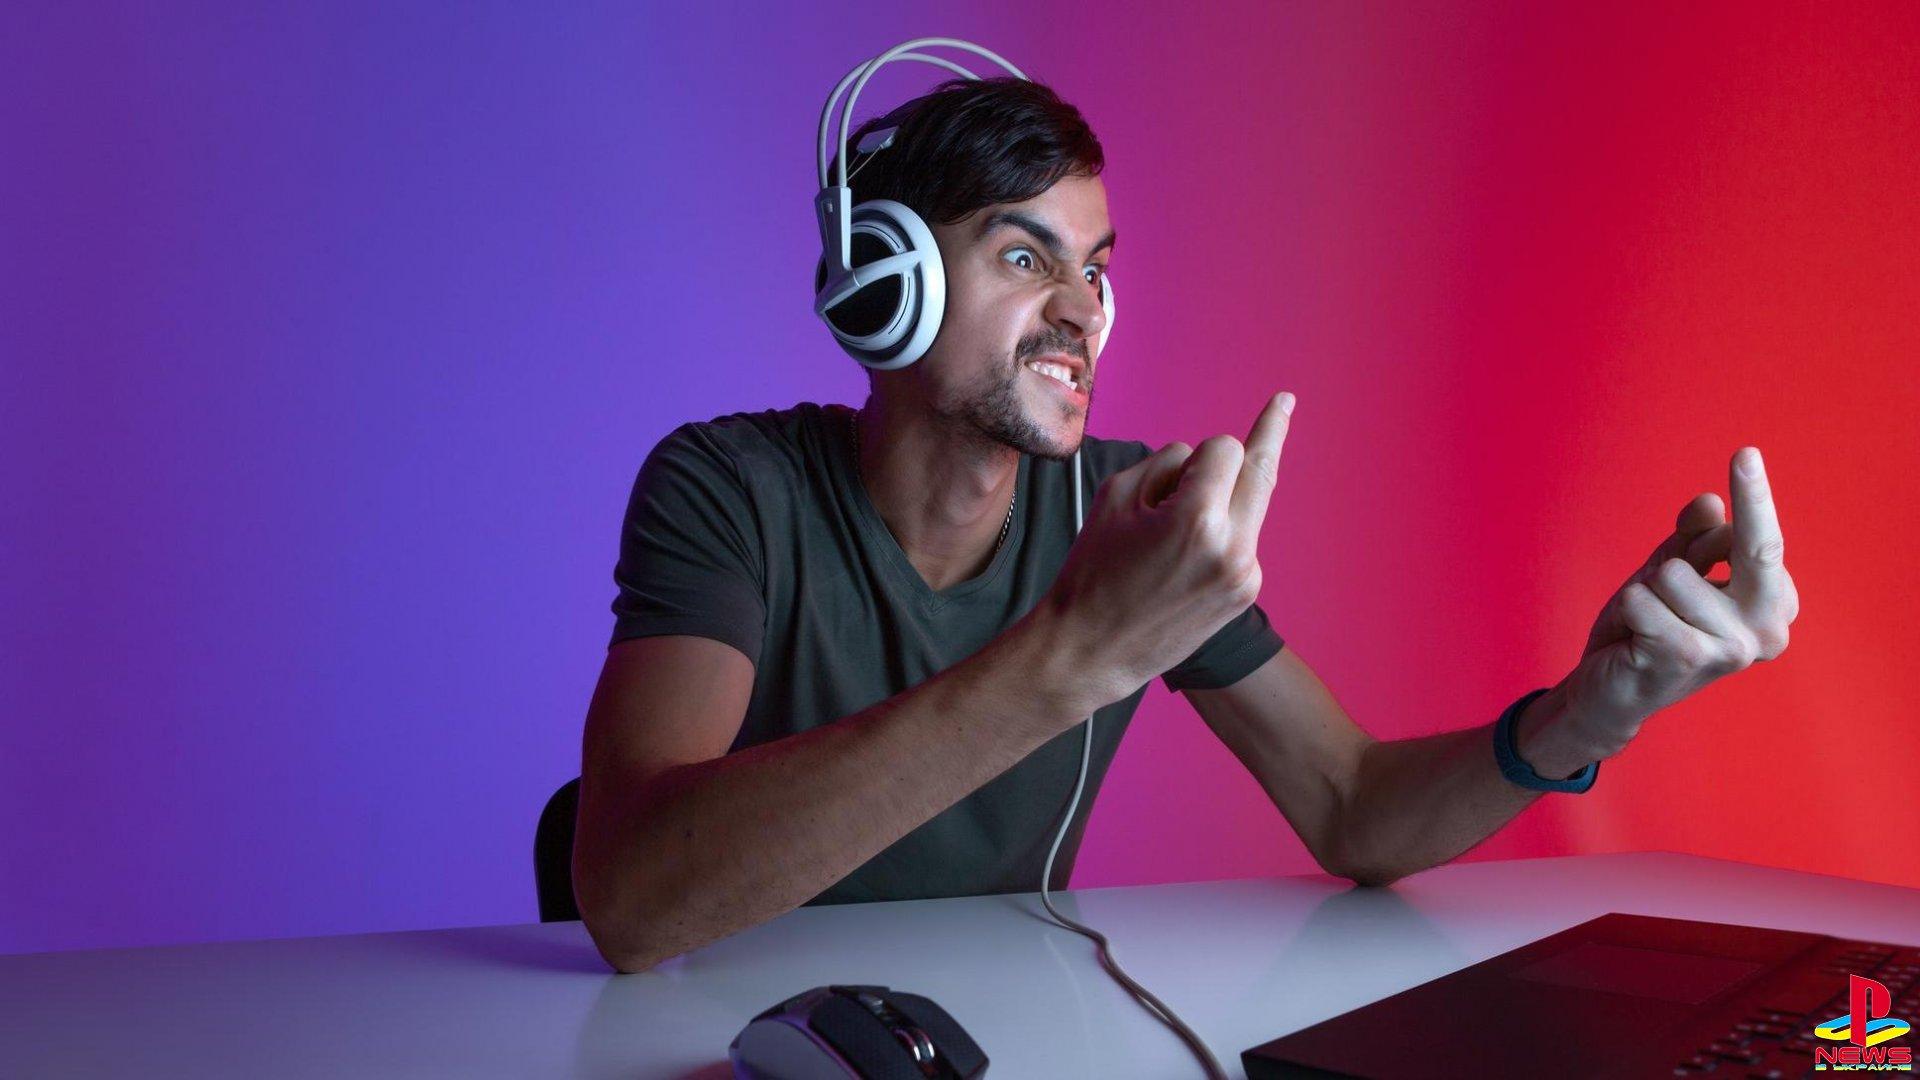 Аналитики опубликовали популярные ругательства пользователей разных игр